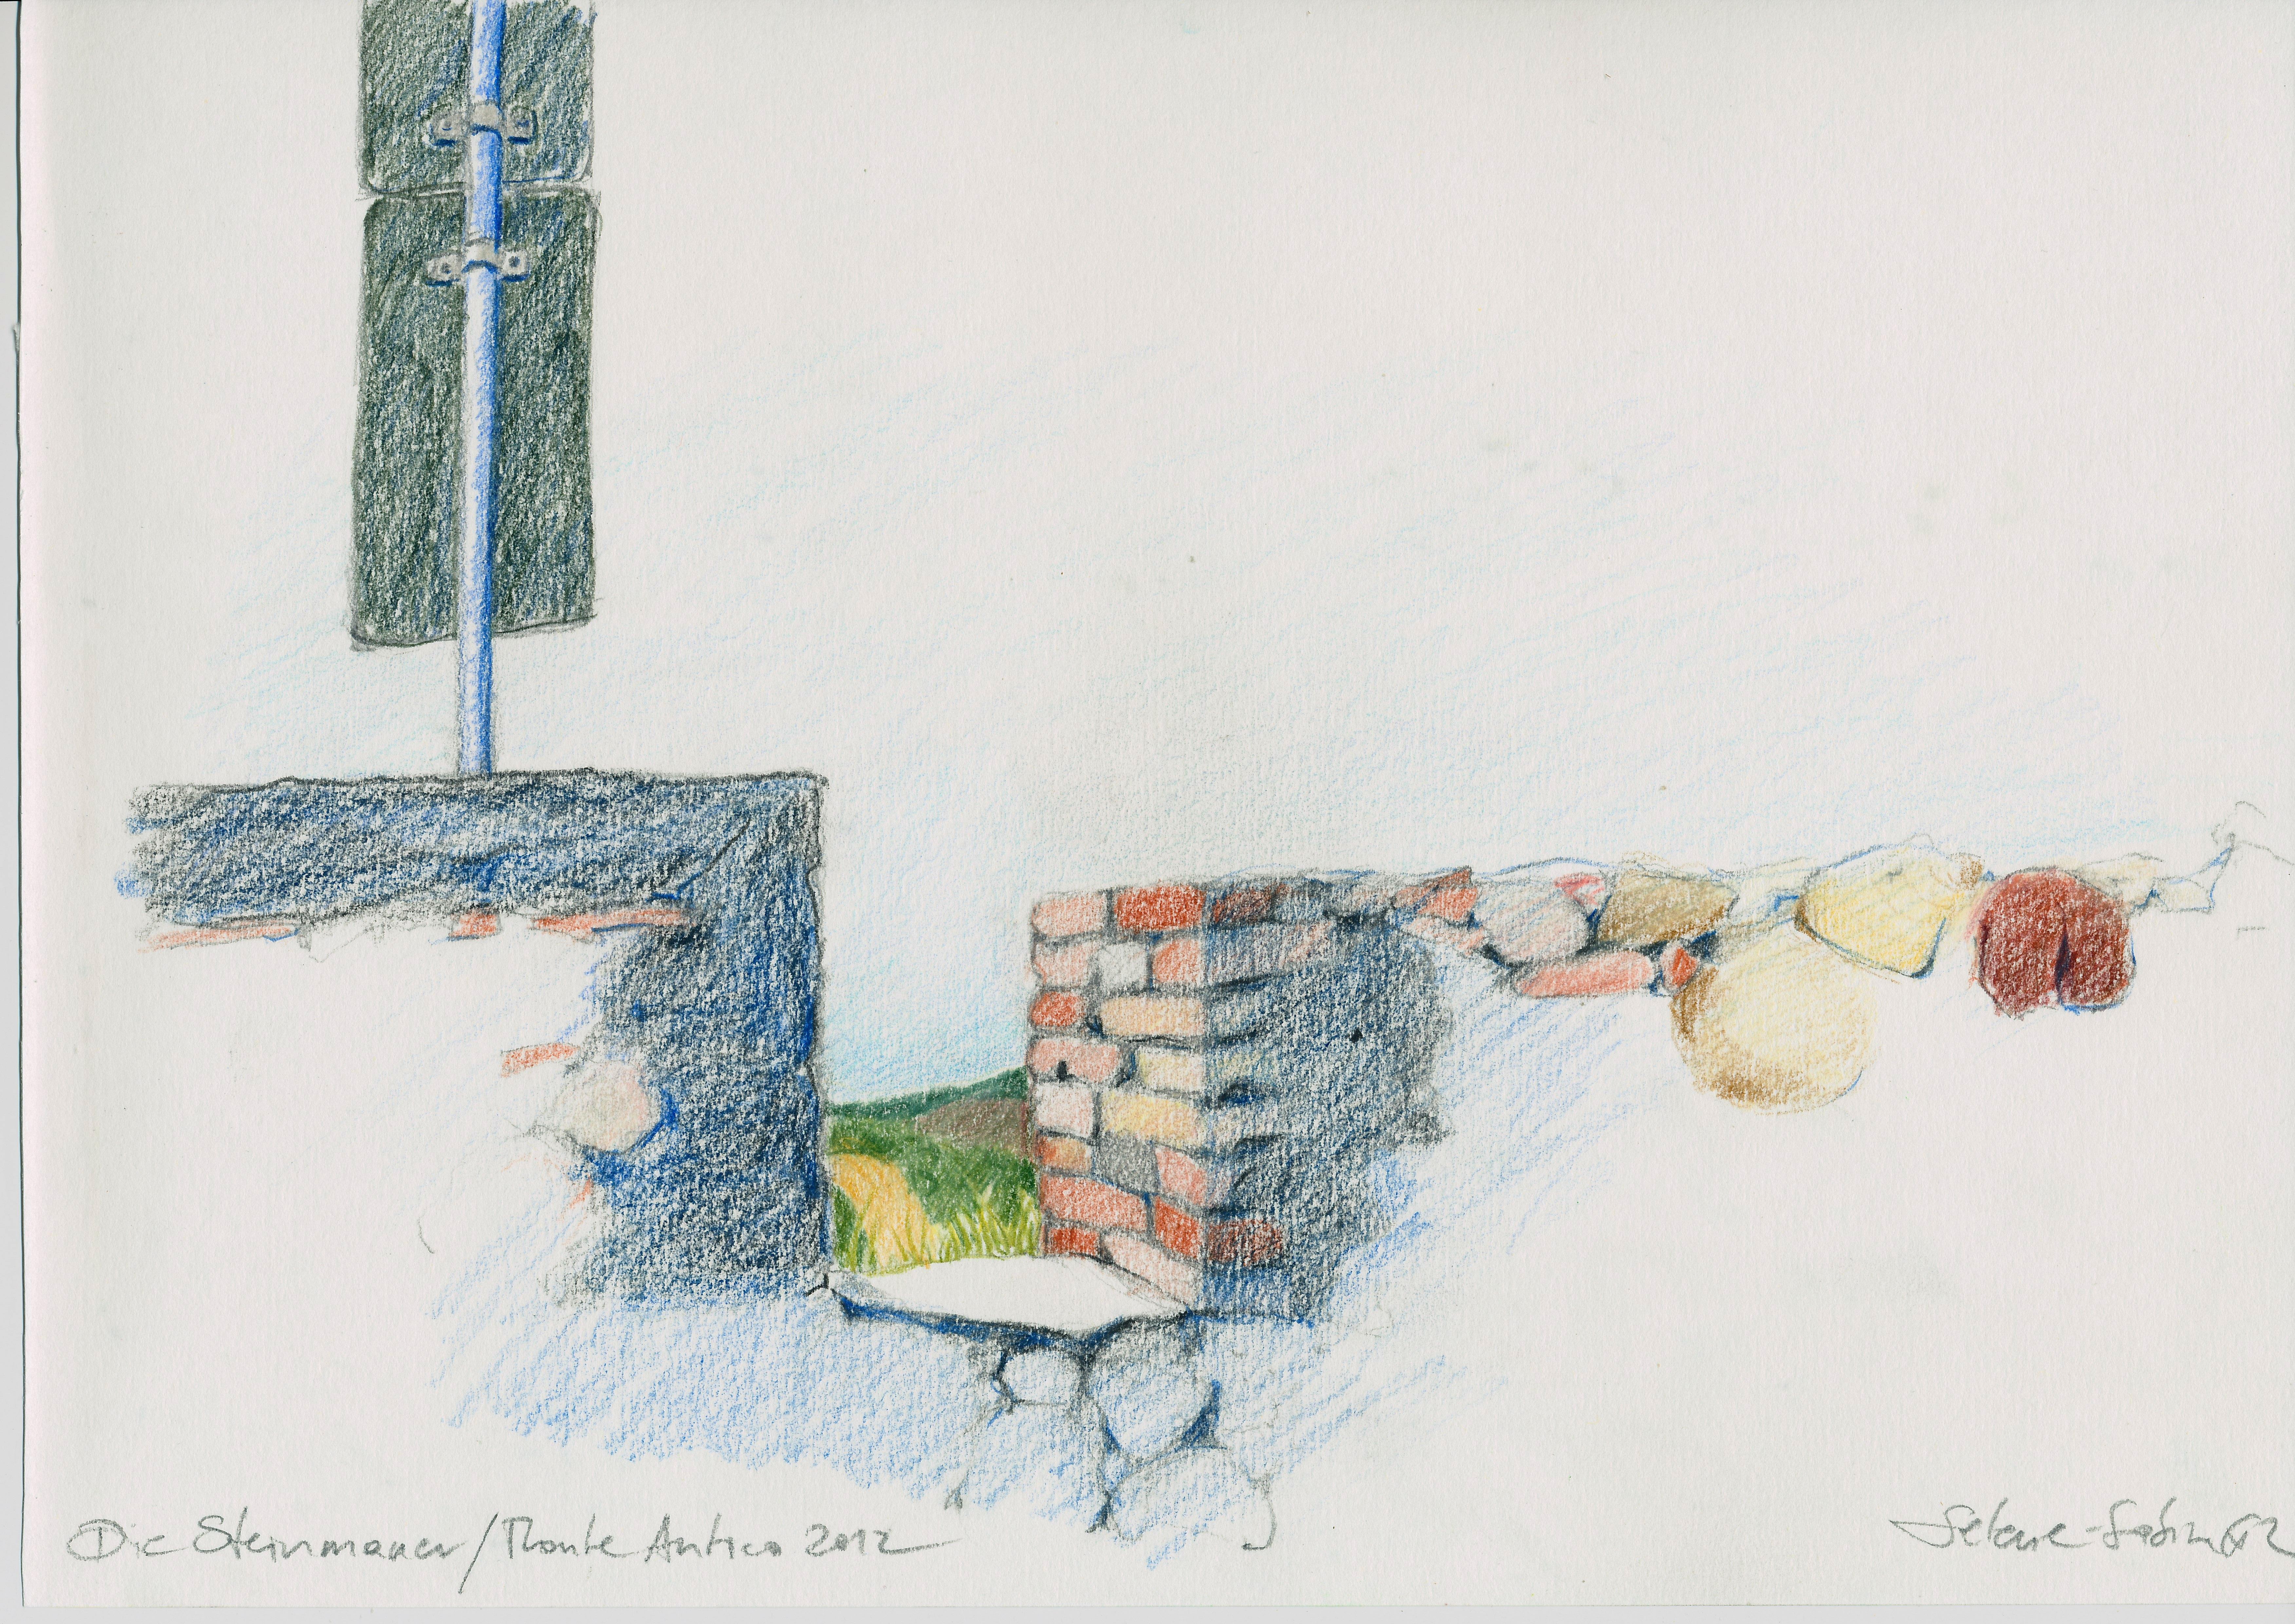 Die Steinmauer Monte Antico